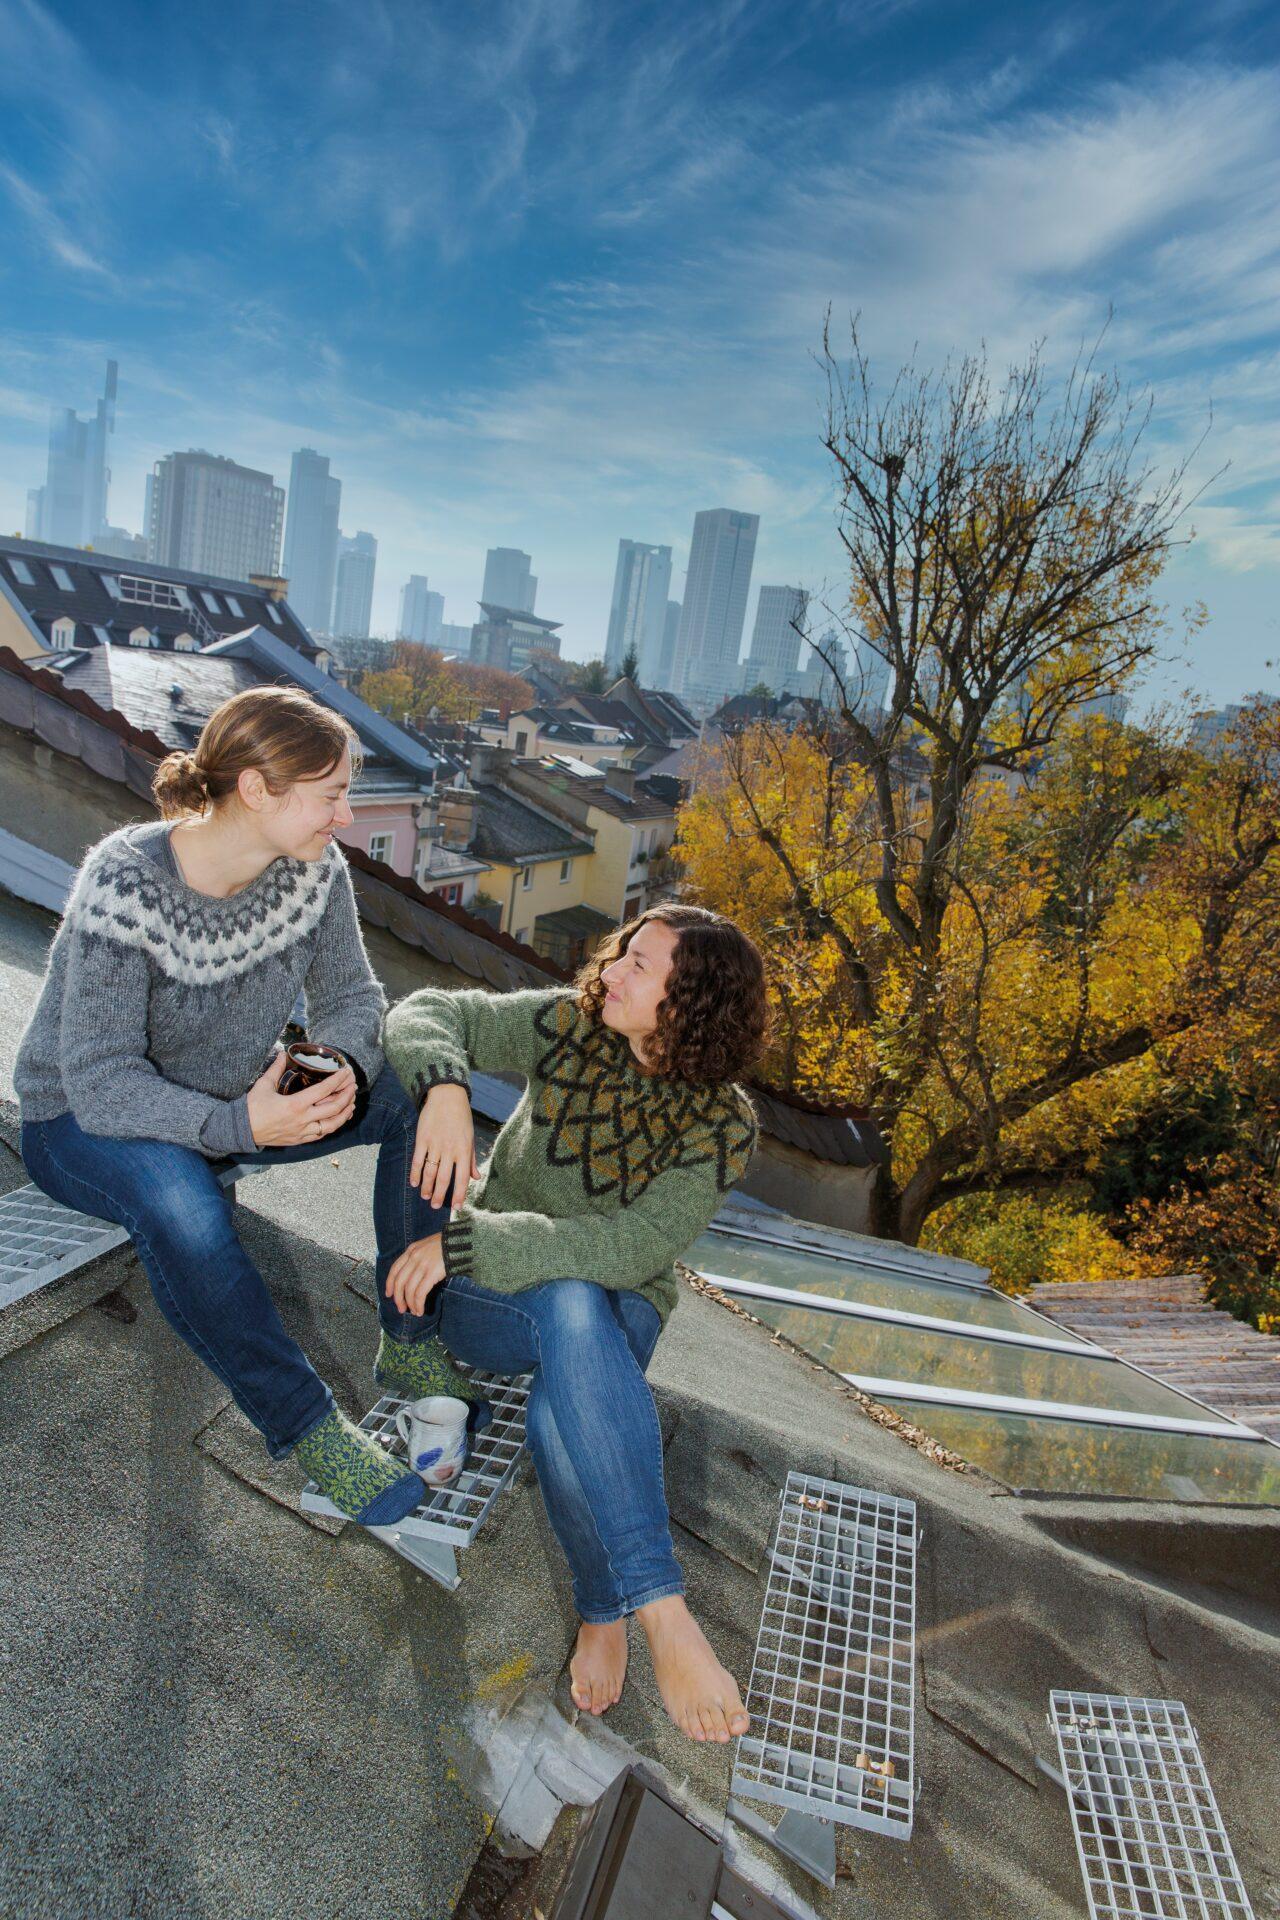 Die Autorinnen Juliane und Laura im Gespräch, auf einem Stadtdach sitzend, die Skyline im Hintergrund.